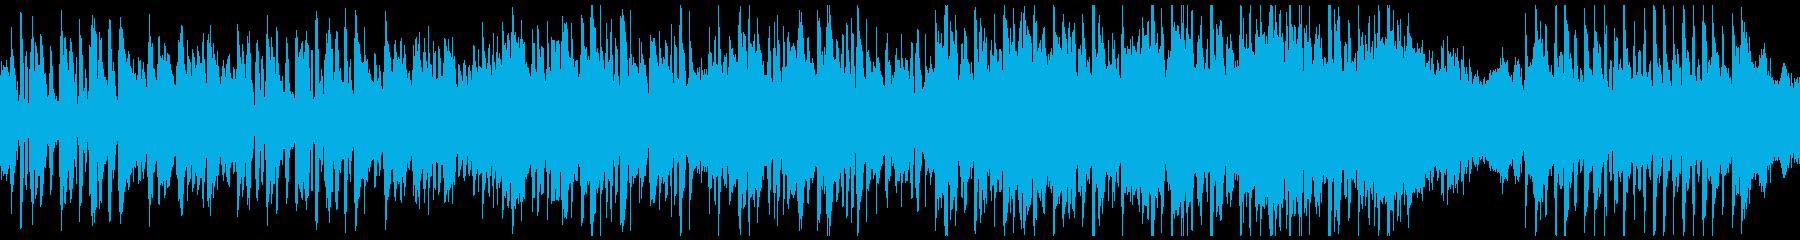 大正浪漫のおしゃれなワルツ(ループ)の再生済みの波形